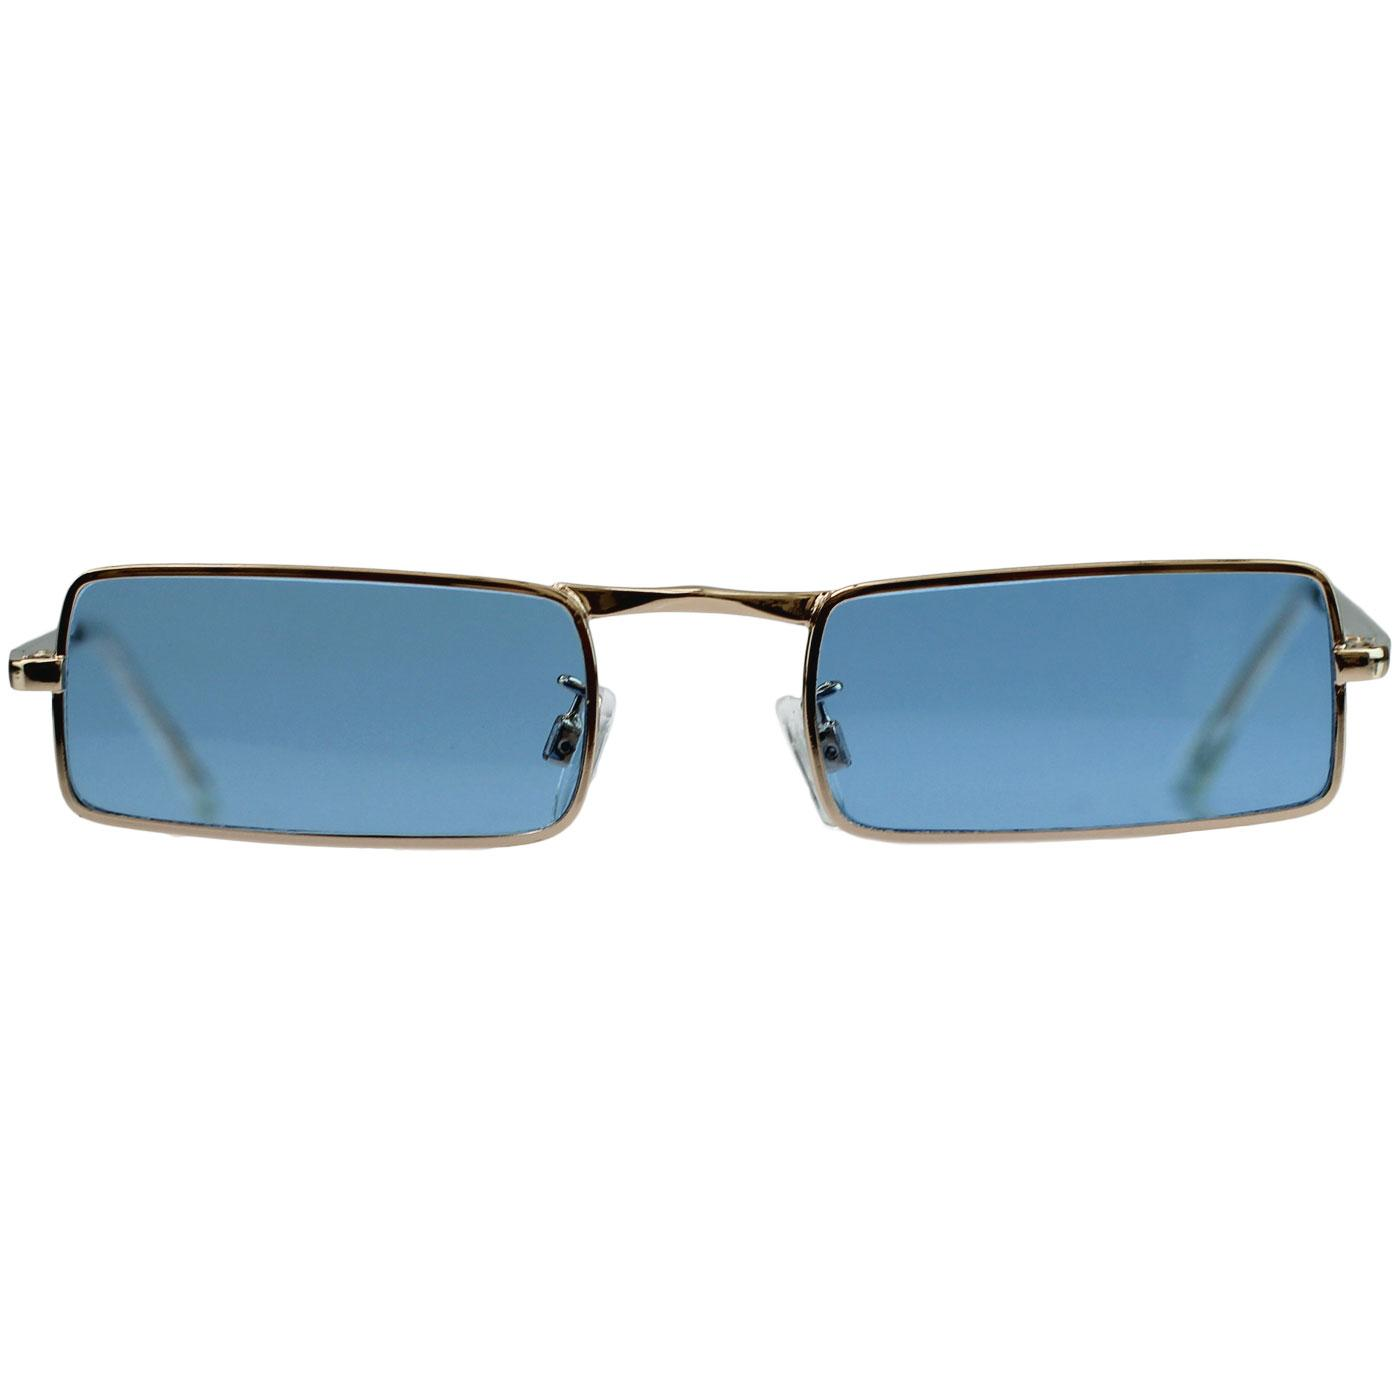 madcap england mcguinn mod granny glasses blue